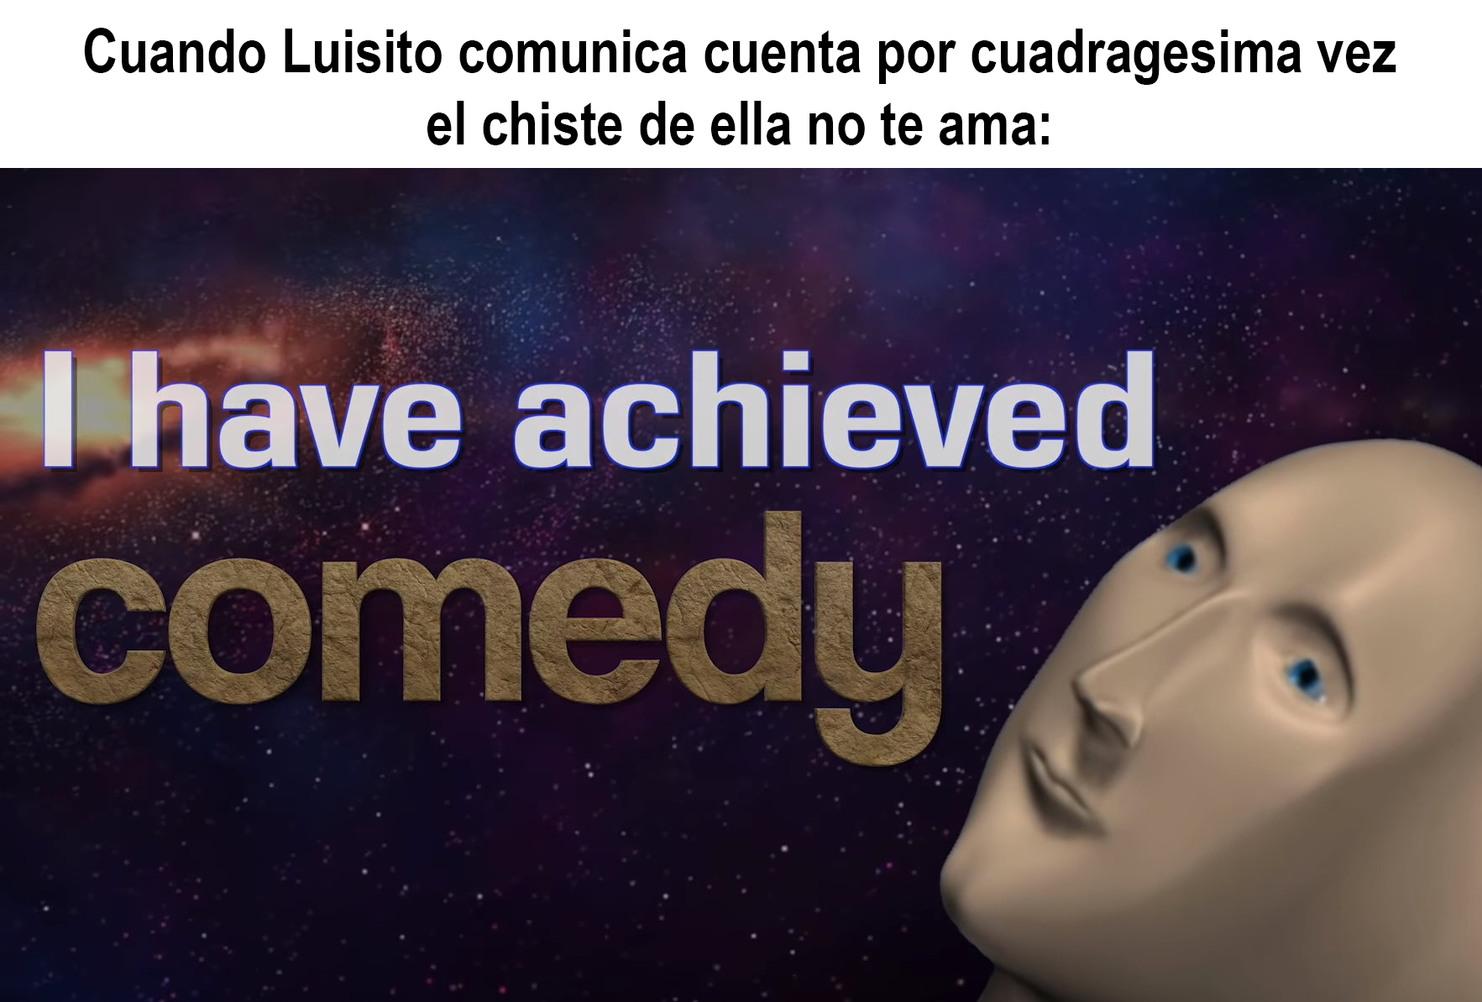 Cuando Luisito comunica cuenta un chiste - meme